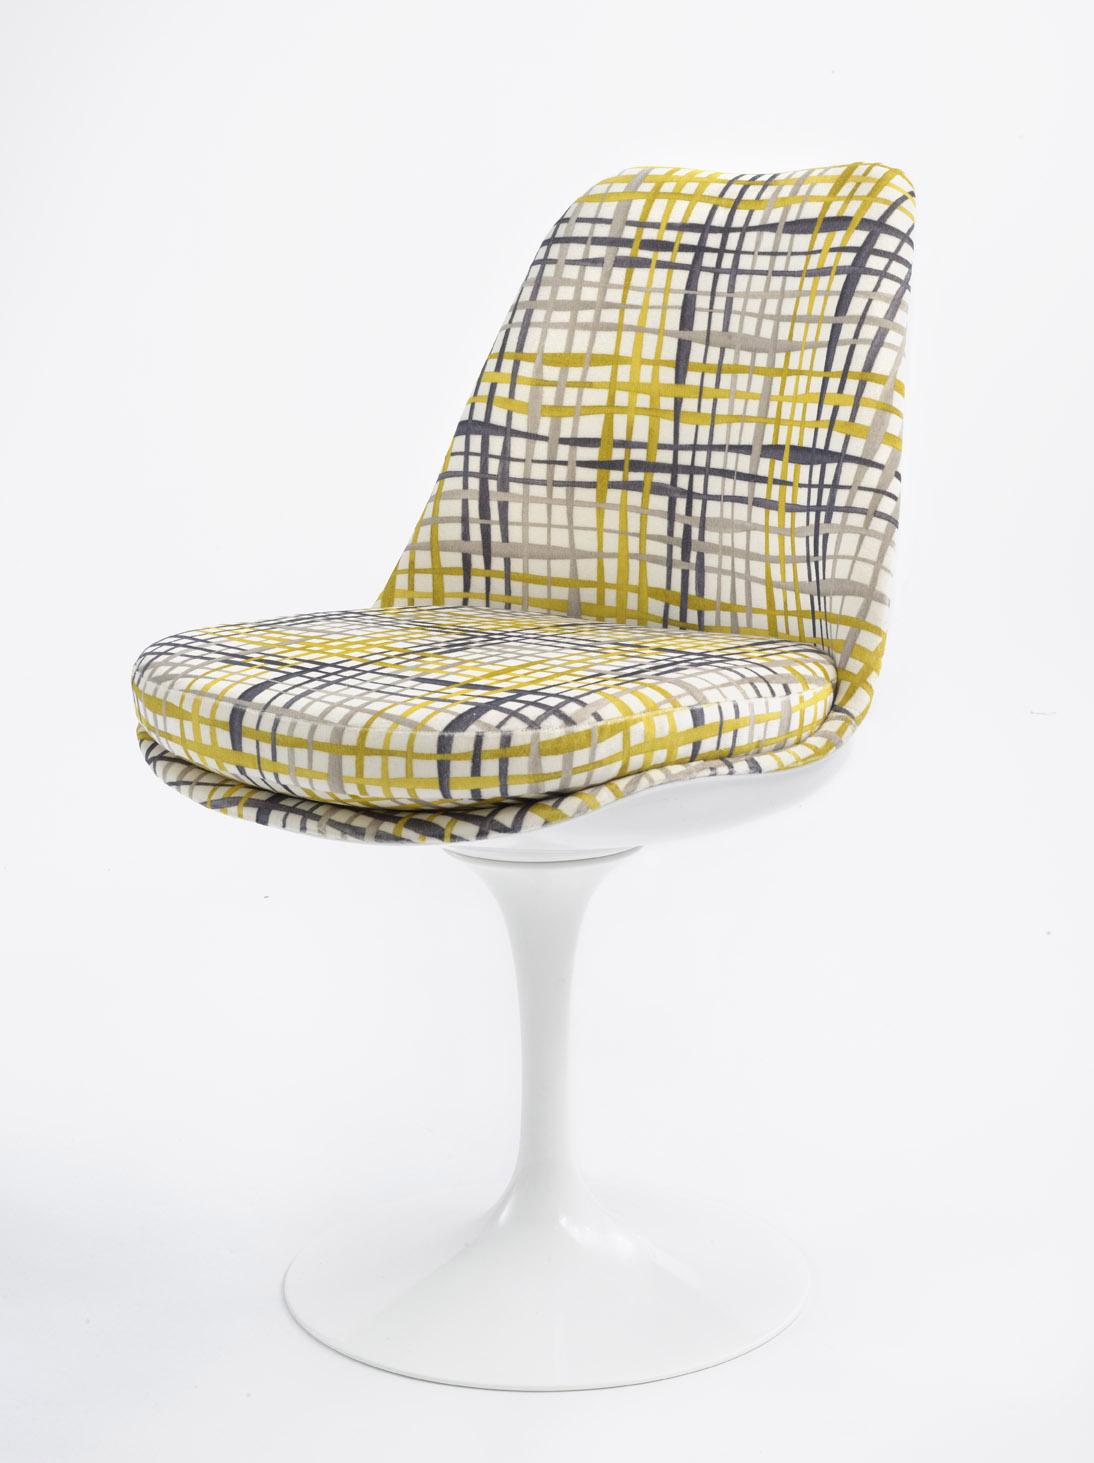 Arabella upholstery knoll luxe - Bezugsstoffe fur polstermobel umwelt knoll ...